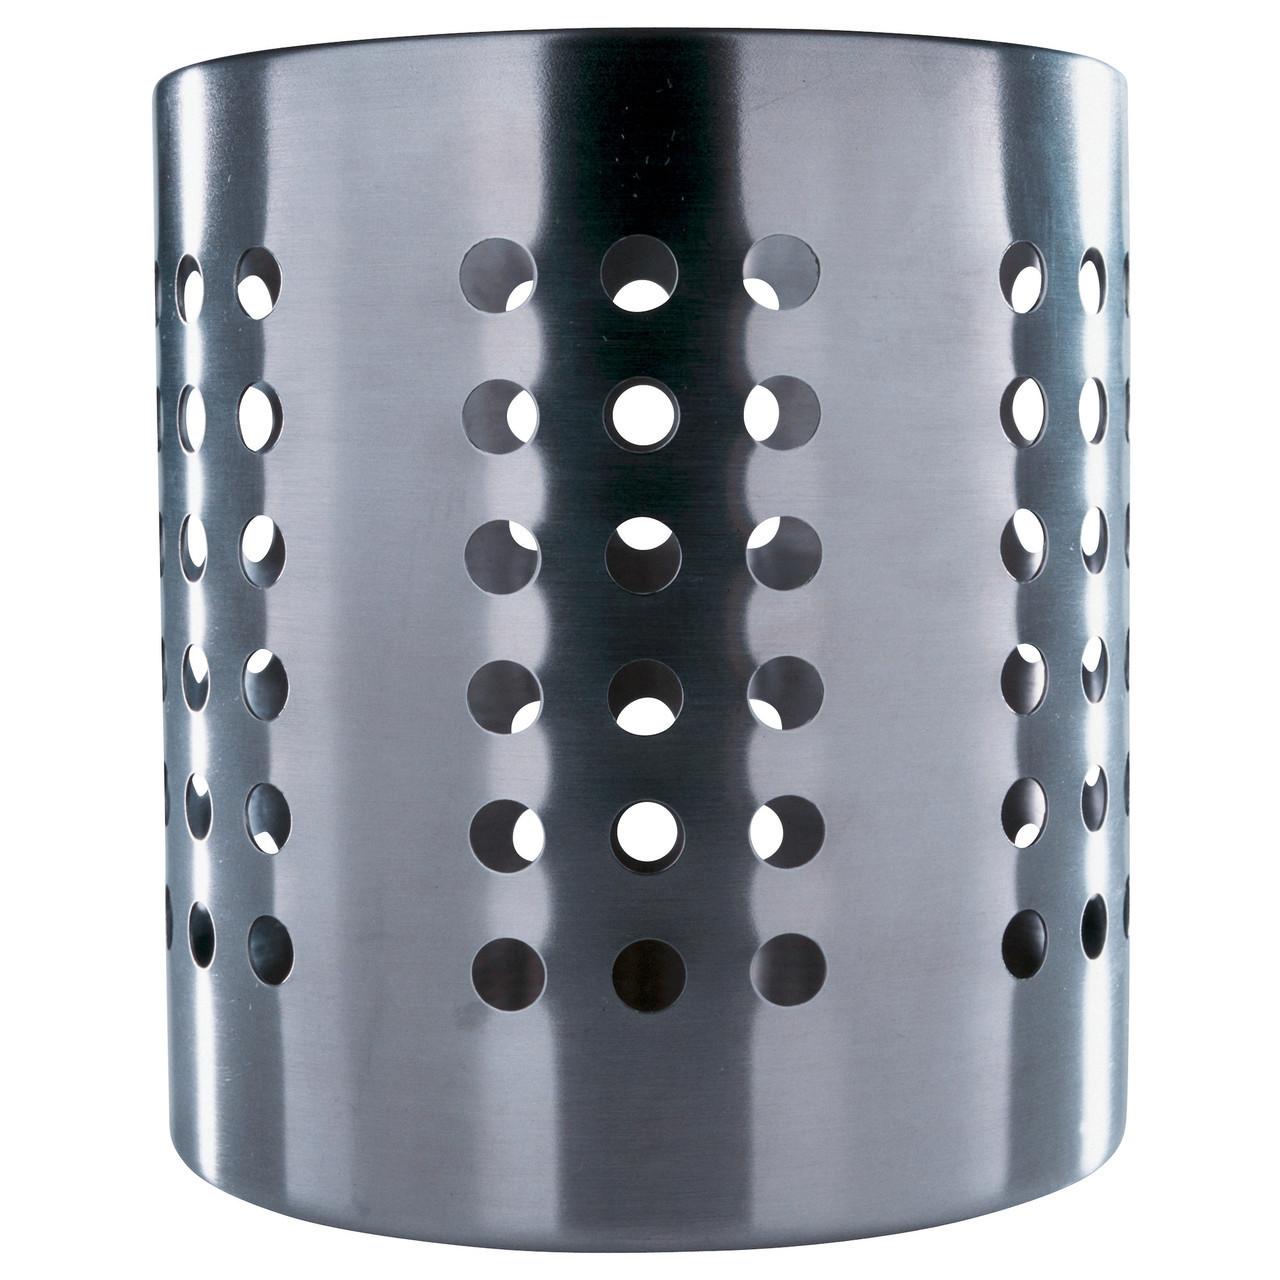 Сушилка для столовых приборов ORDNING, нержавеющая сталь, IKEA, 300.118.32